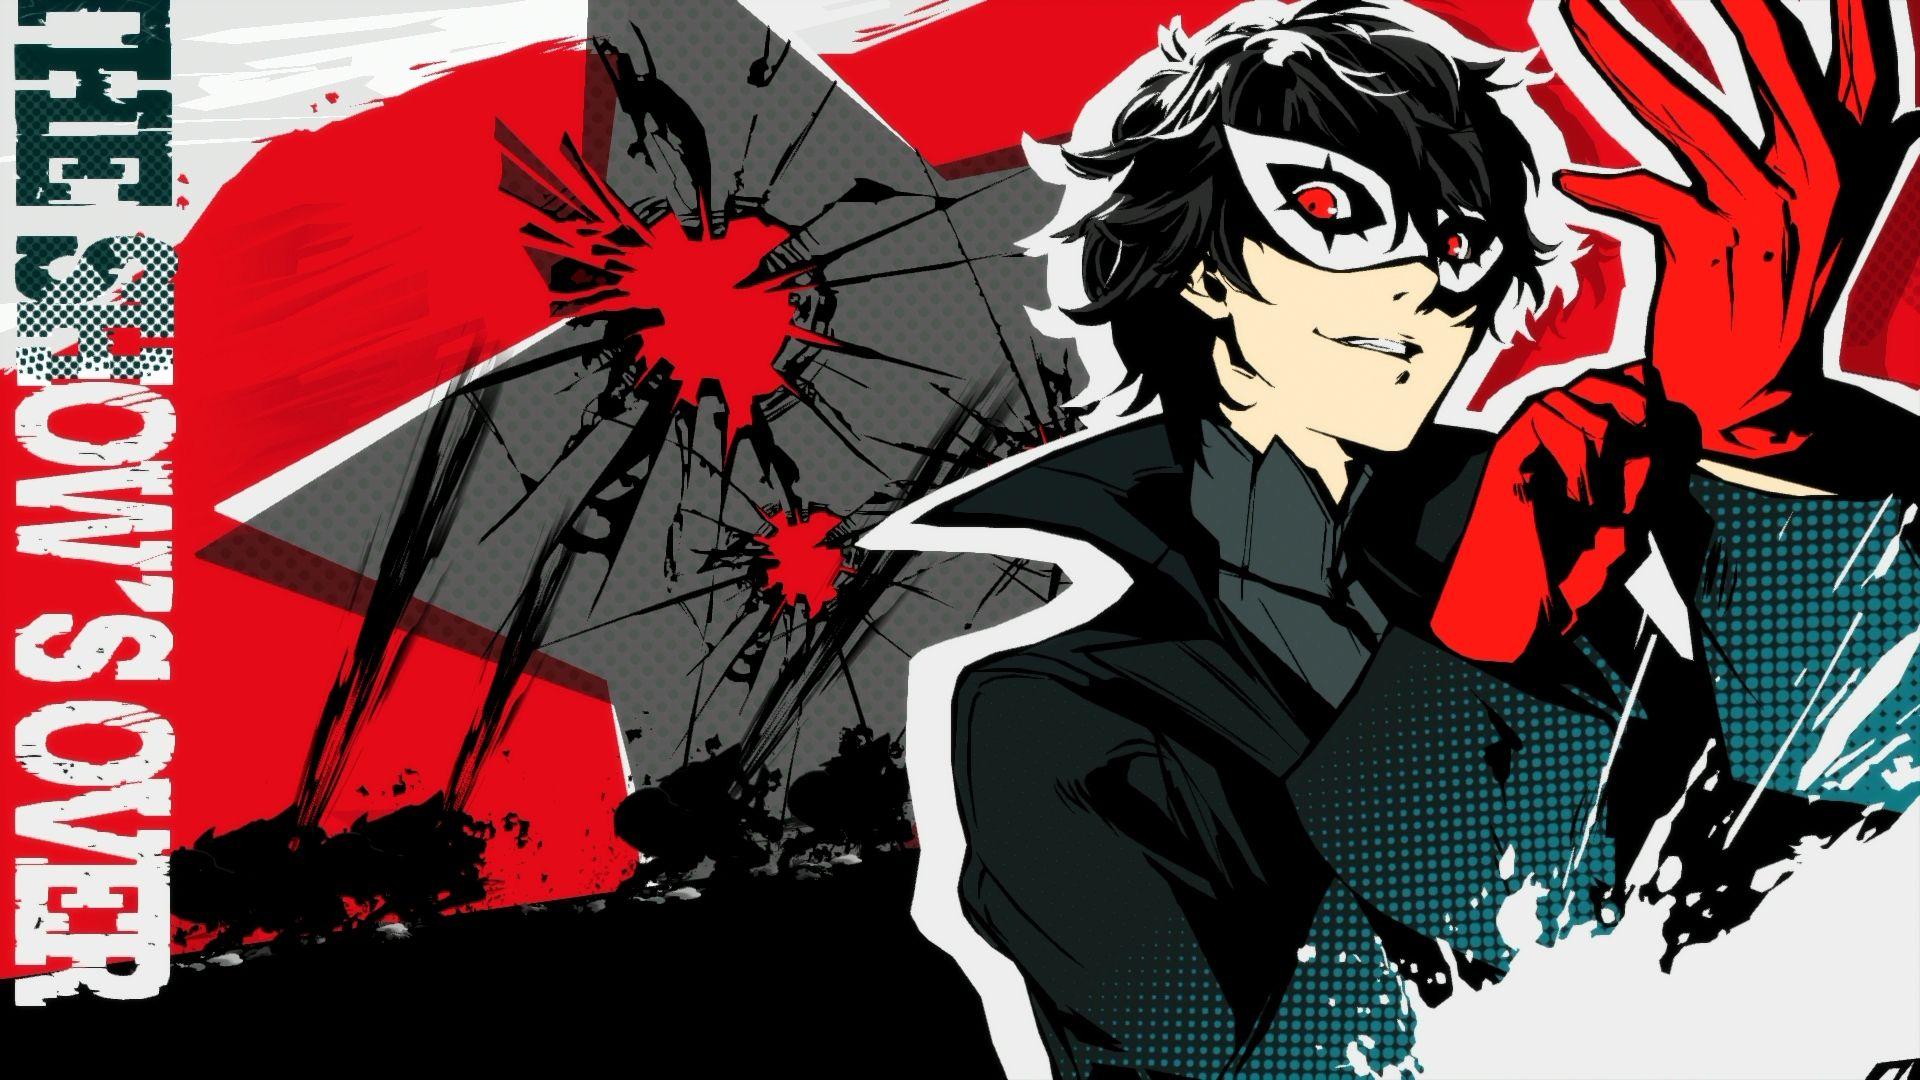 Shin Megami Tensei Persona 5 Joker Kurusu Akira Persona 5 Persona 5 Joker Persona